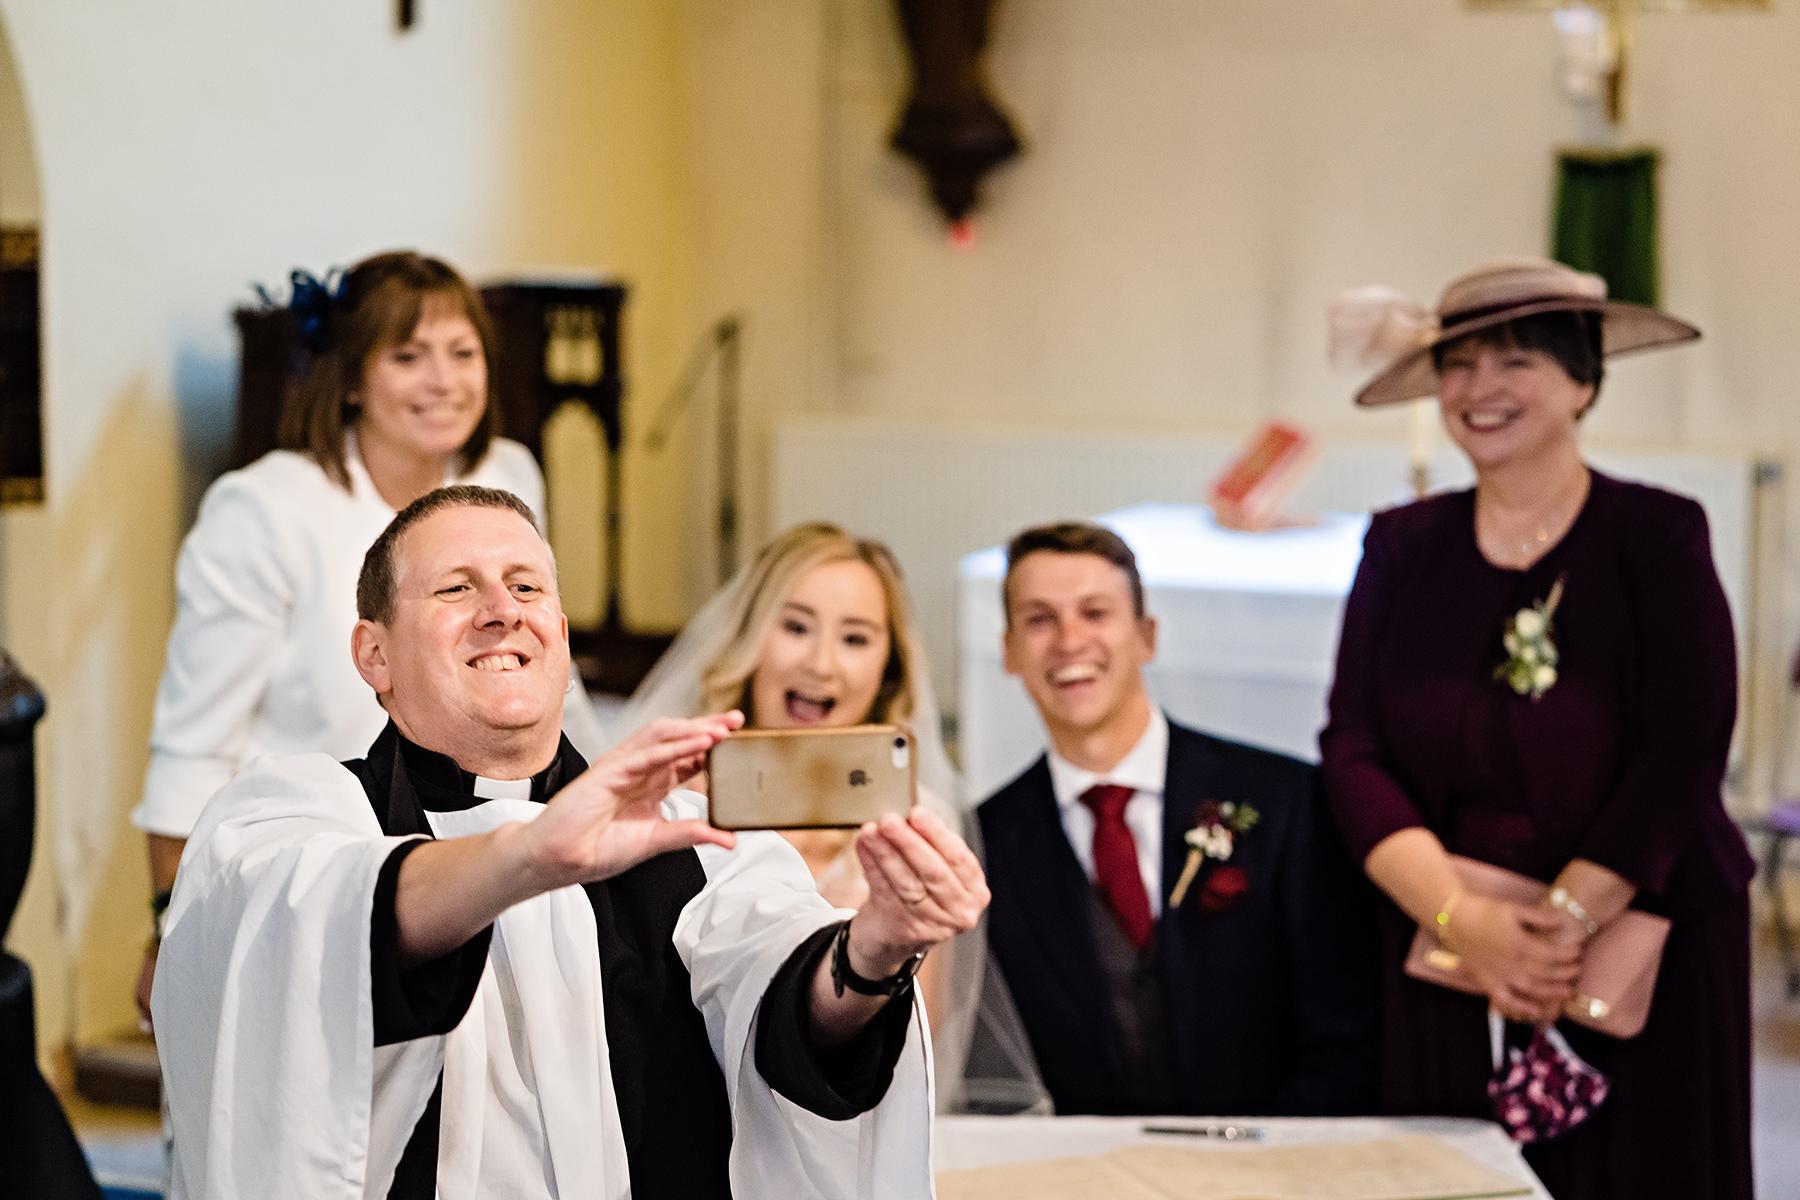 Vicar selfie